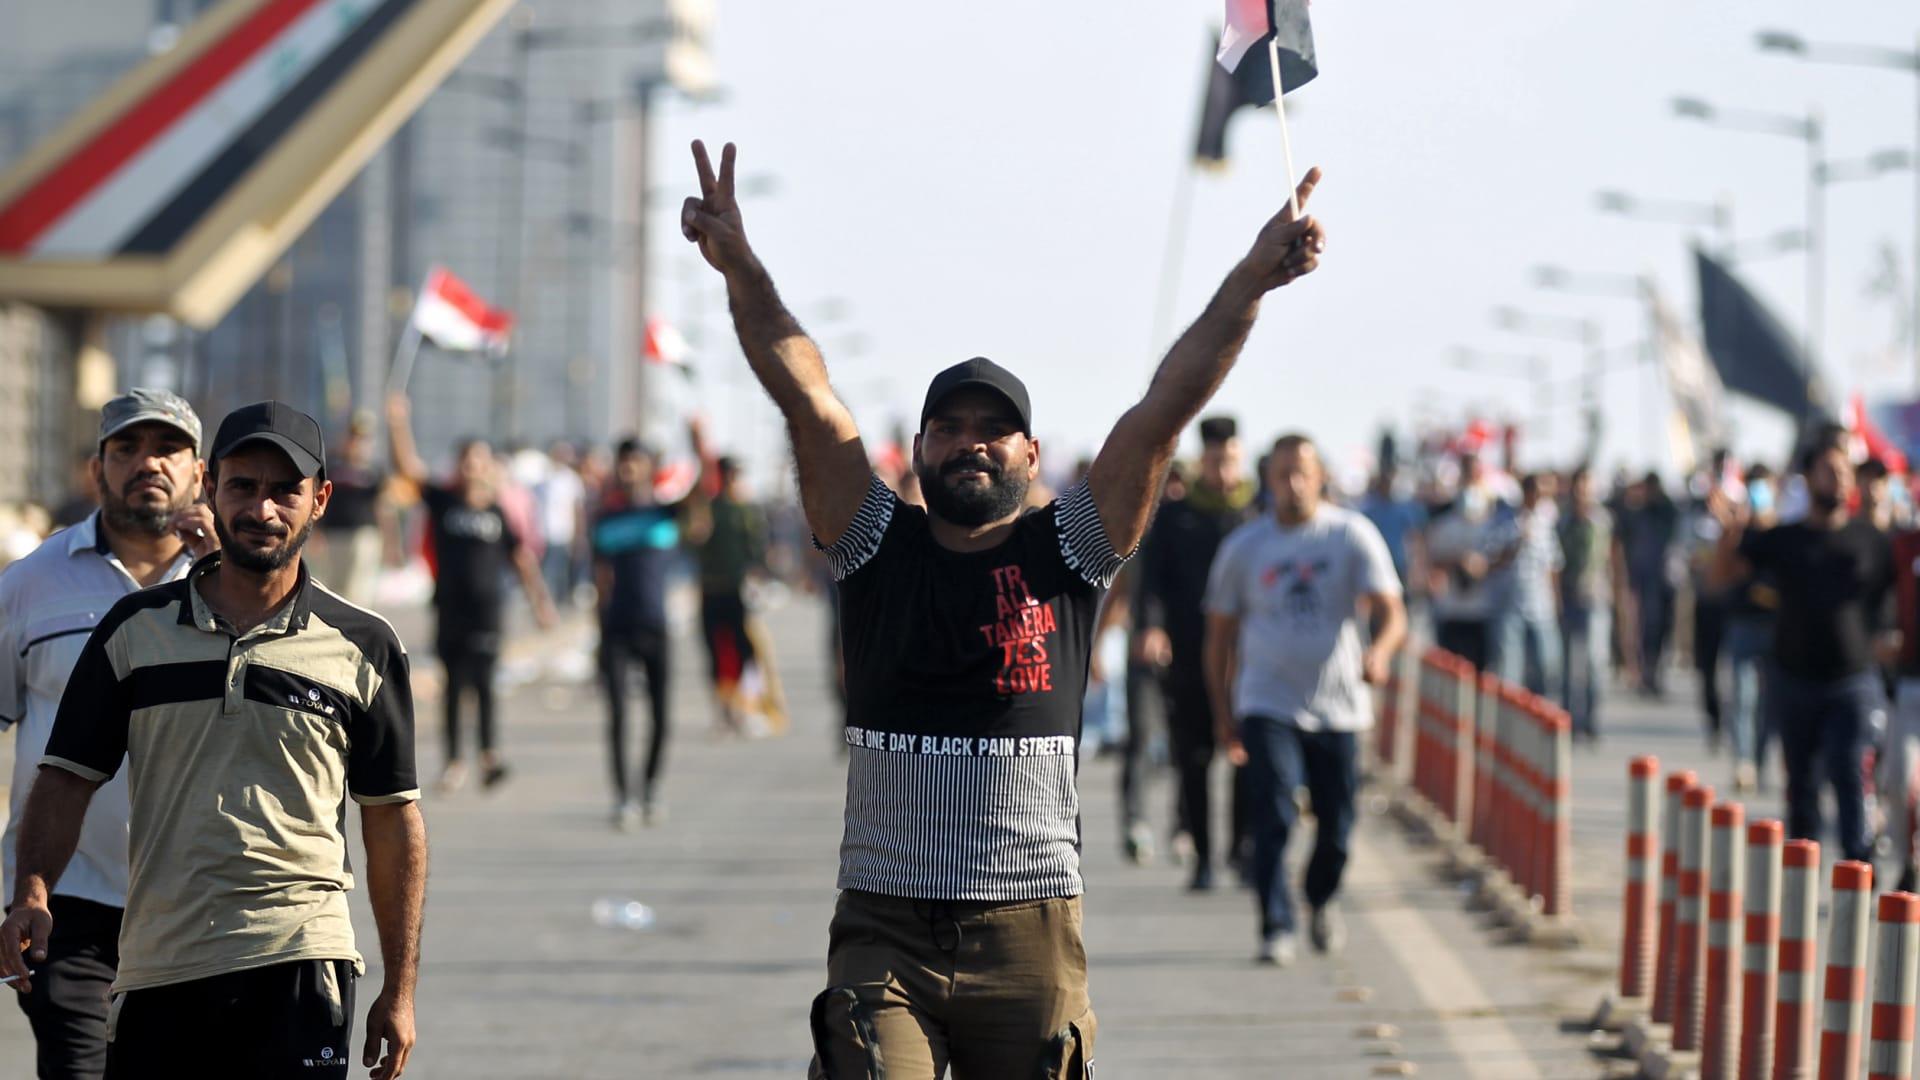 أراد خدمة العراق ففقد حياته بطلق ناري اخترق صدره